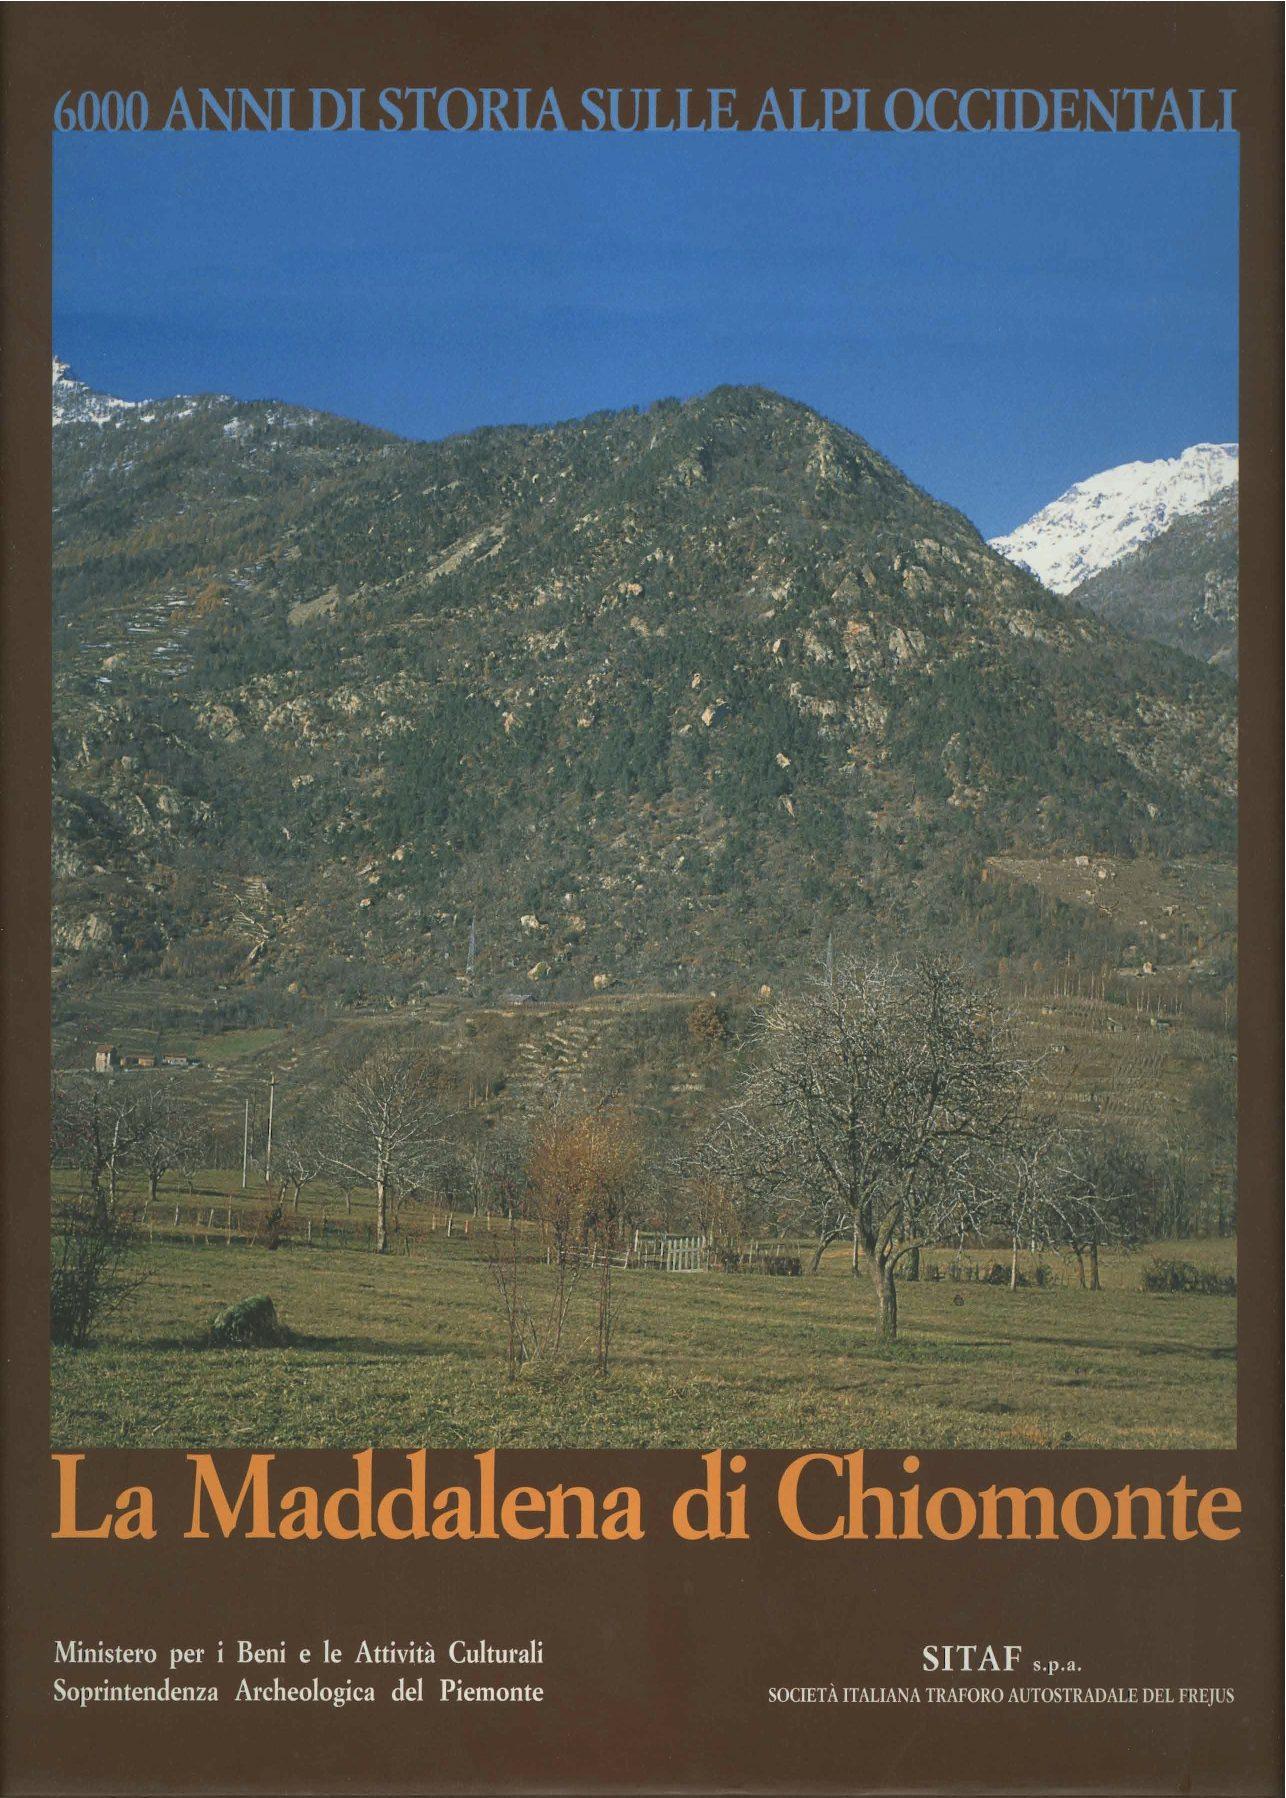 6000 [Seimila] anni di storia sulle Alpi occidentali